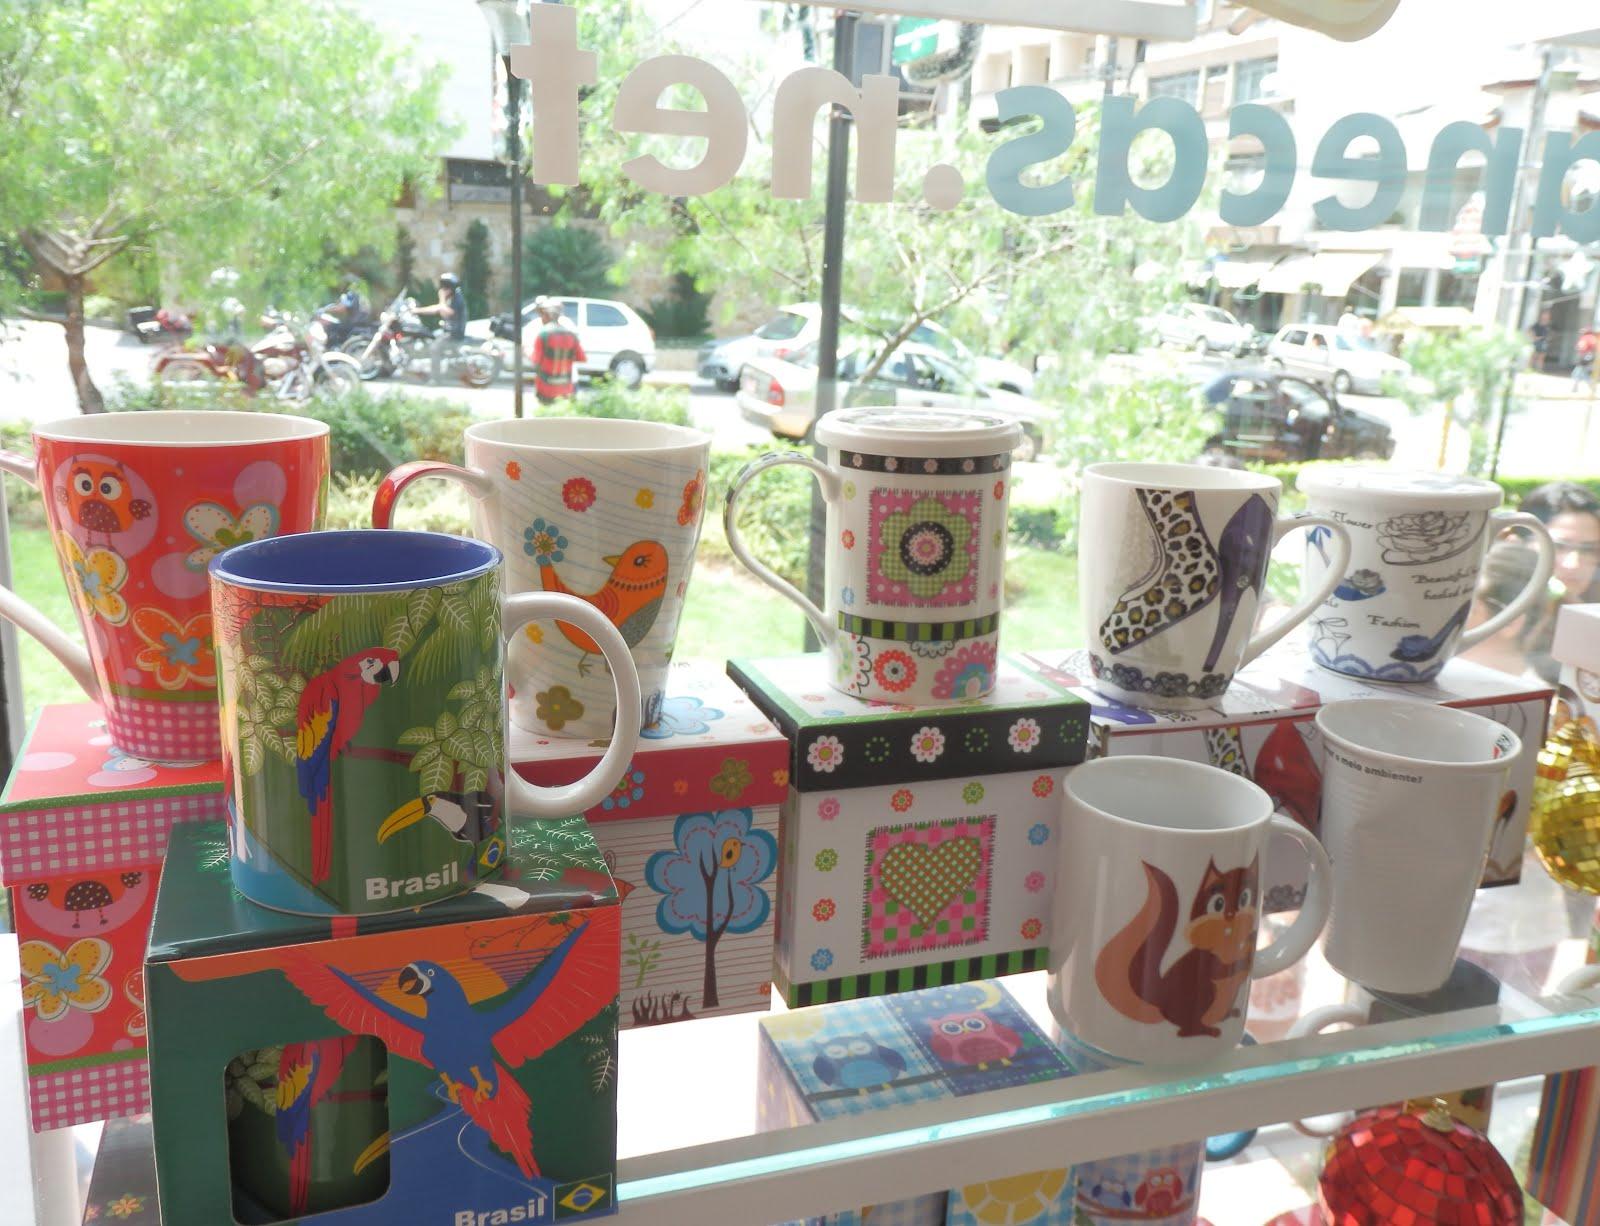 Adesivo De Cabeceira Infantil ~ Blog da Mugs Mugs com br Canecas net promoç u00e3o anual Serra Negra e Pedreira SP